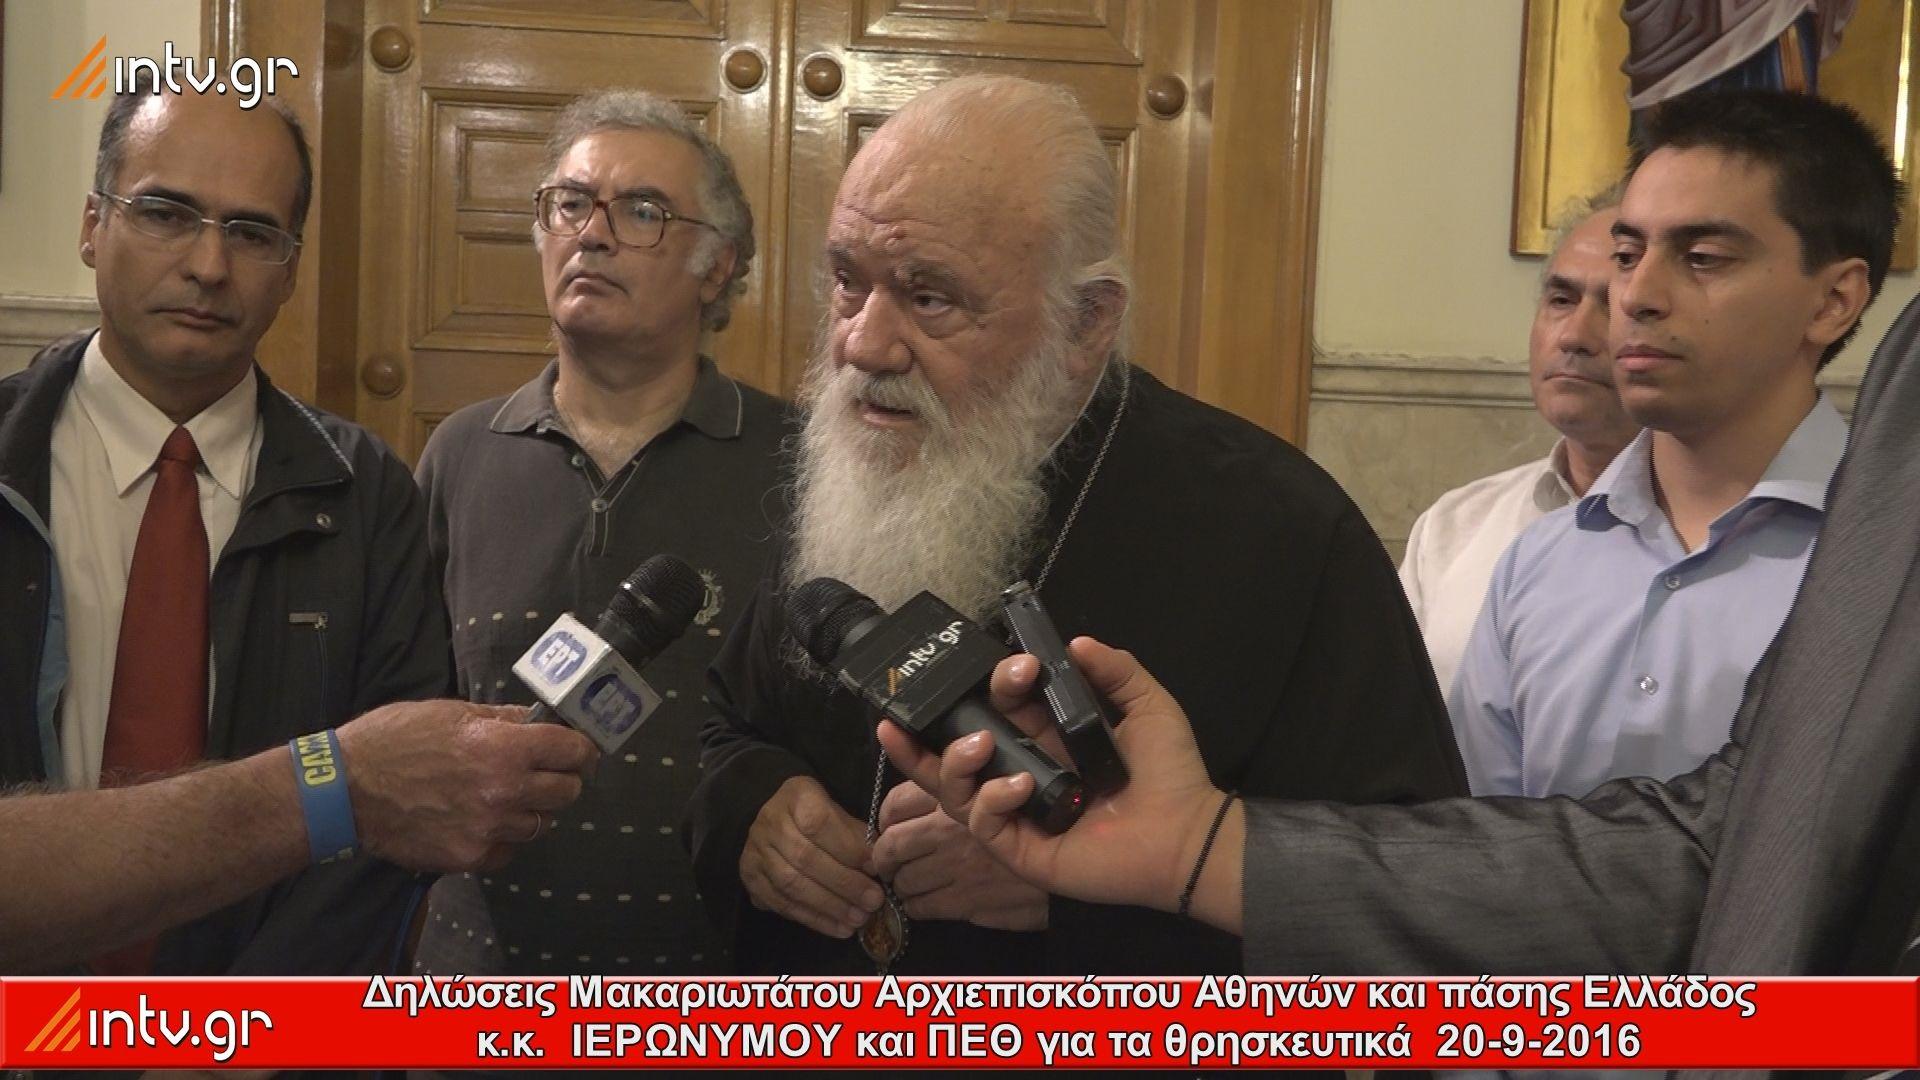 Δηλώσεις Μακαριωτάτου Αρχιεπισκόπου Αθηνών και πάσης Ελλάδος κ.κ.  ΙΕΡΩΝΥΜΟΥ και ΠΕΘ για τα θρησκευτικά